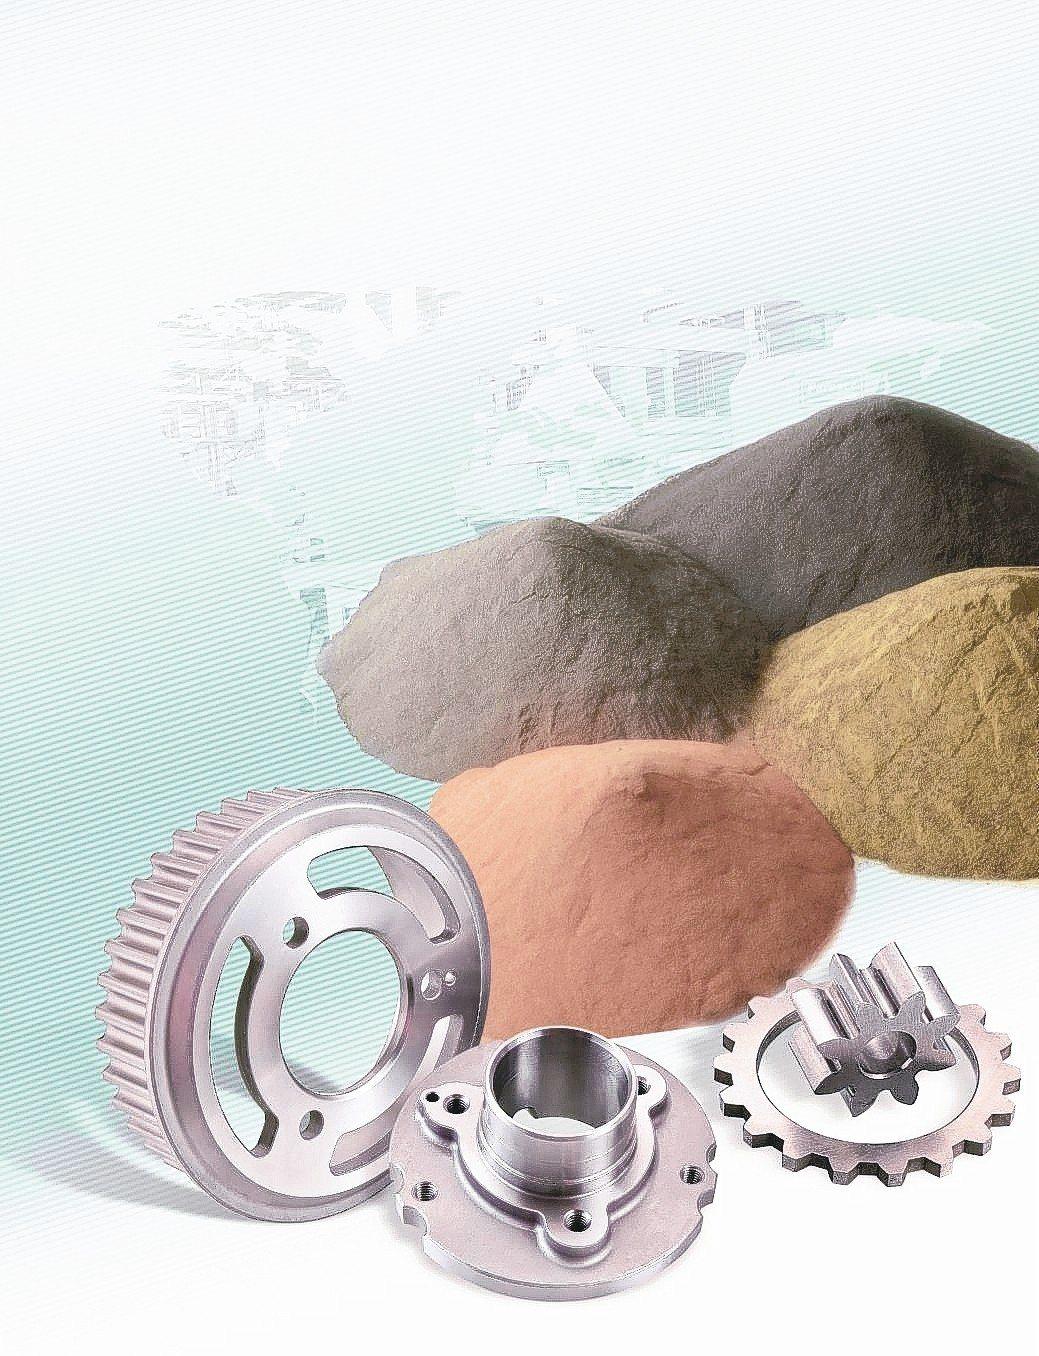 旭宏金屬粉末冶金製品,獲全球車廠長單。 旭宏金屬/提供